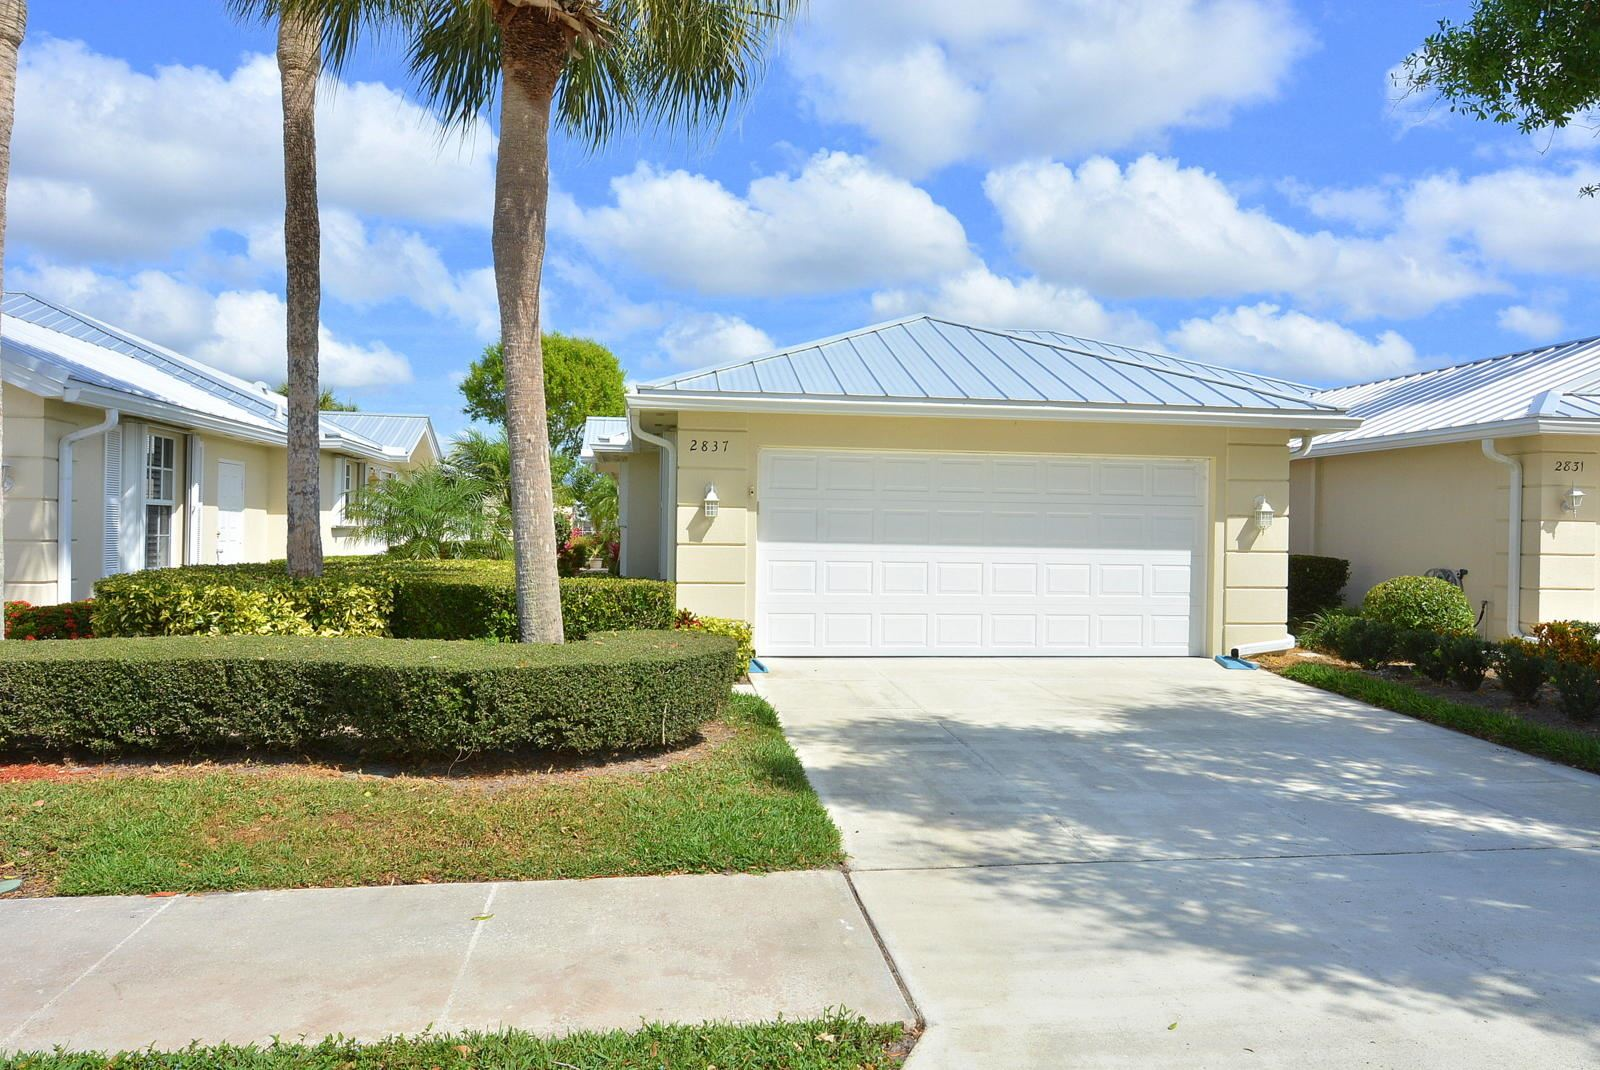 2837 SW Ridgewood Place, Palm City, FL 34990 - #: RX-10754371